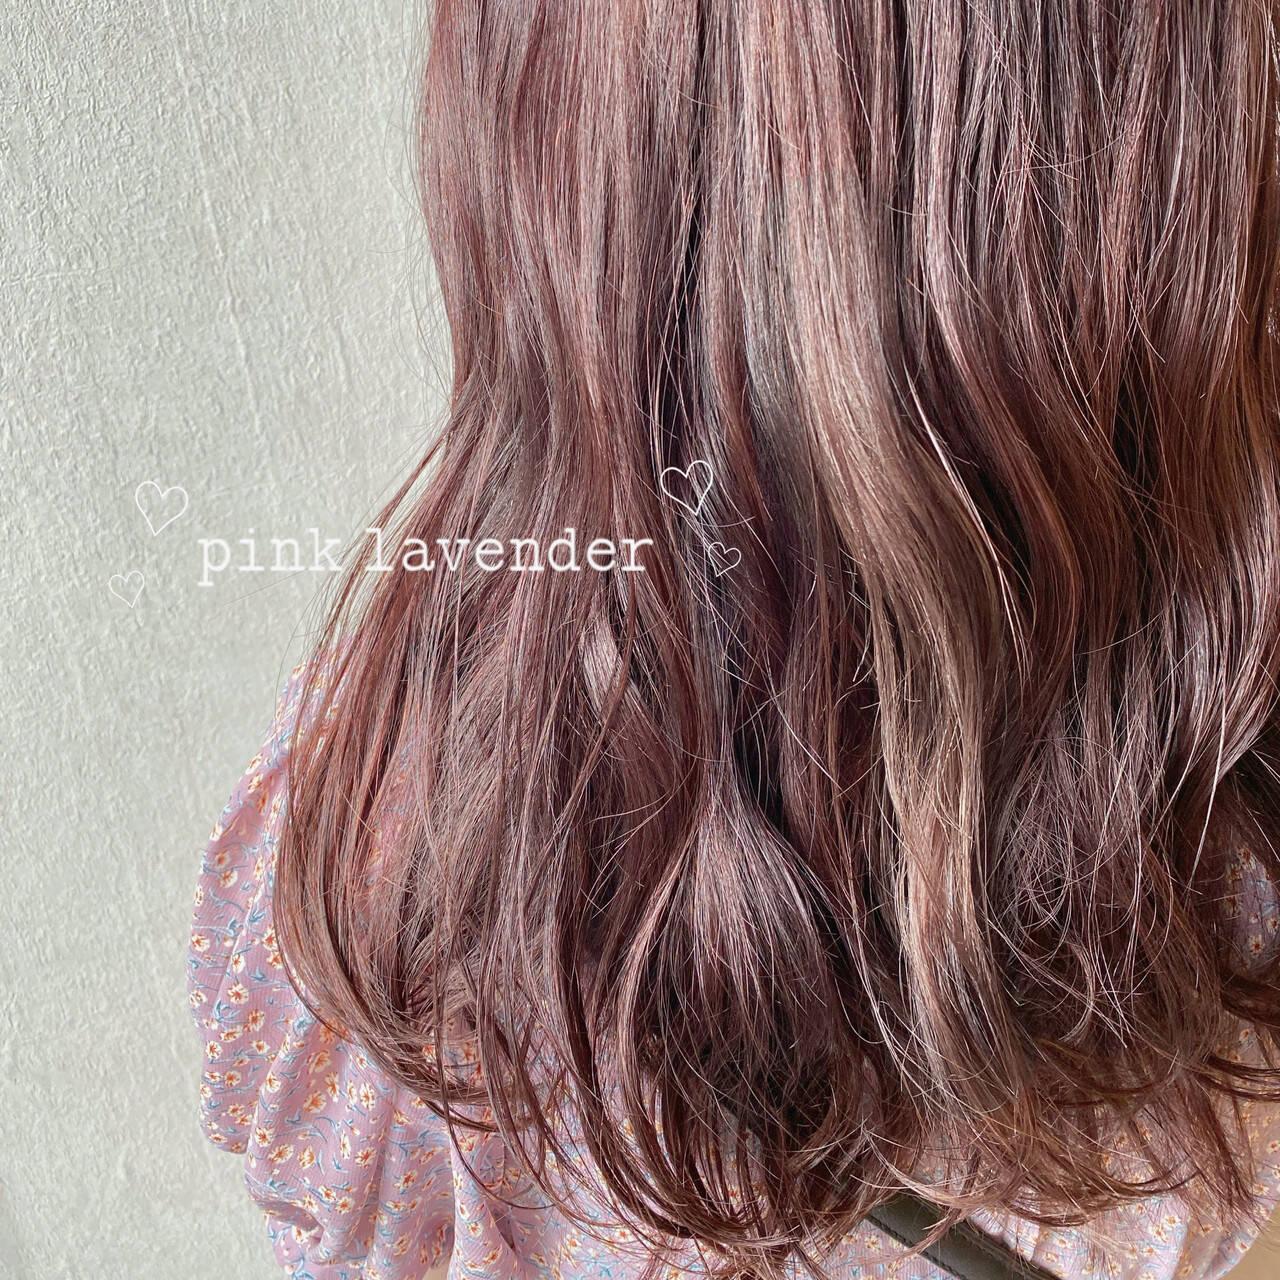 ミディアム ピンクベージュ ピンクパープル ピンクラベンダーヘアスタイルや髪型の写真・画像